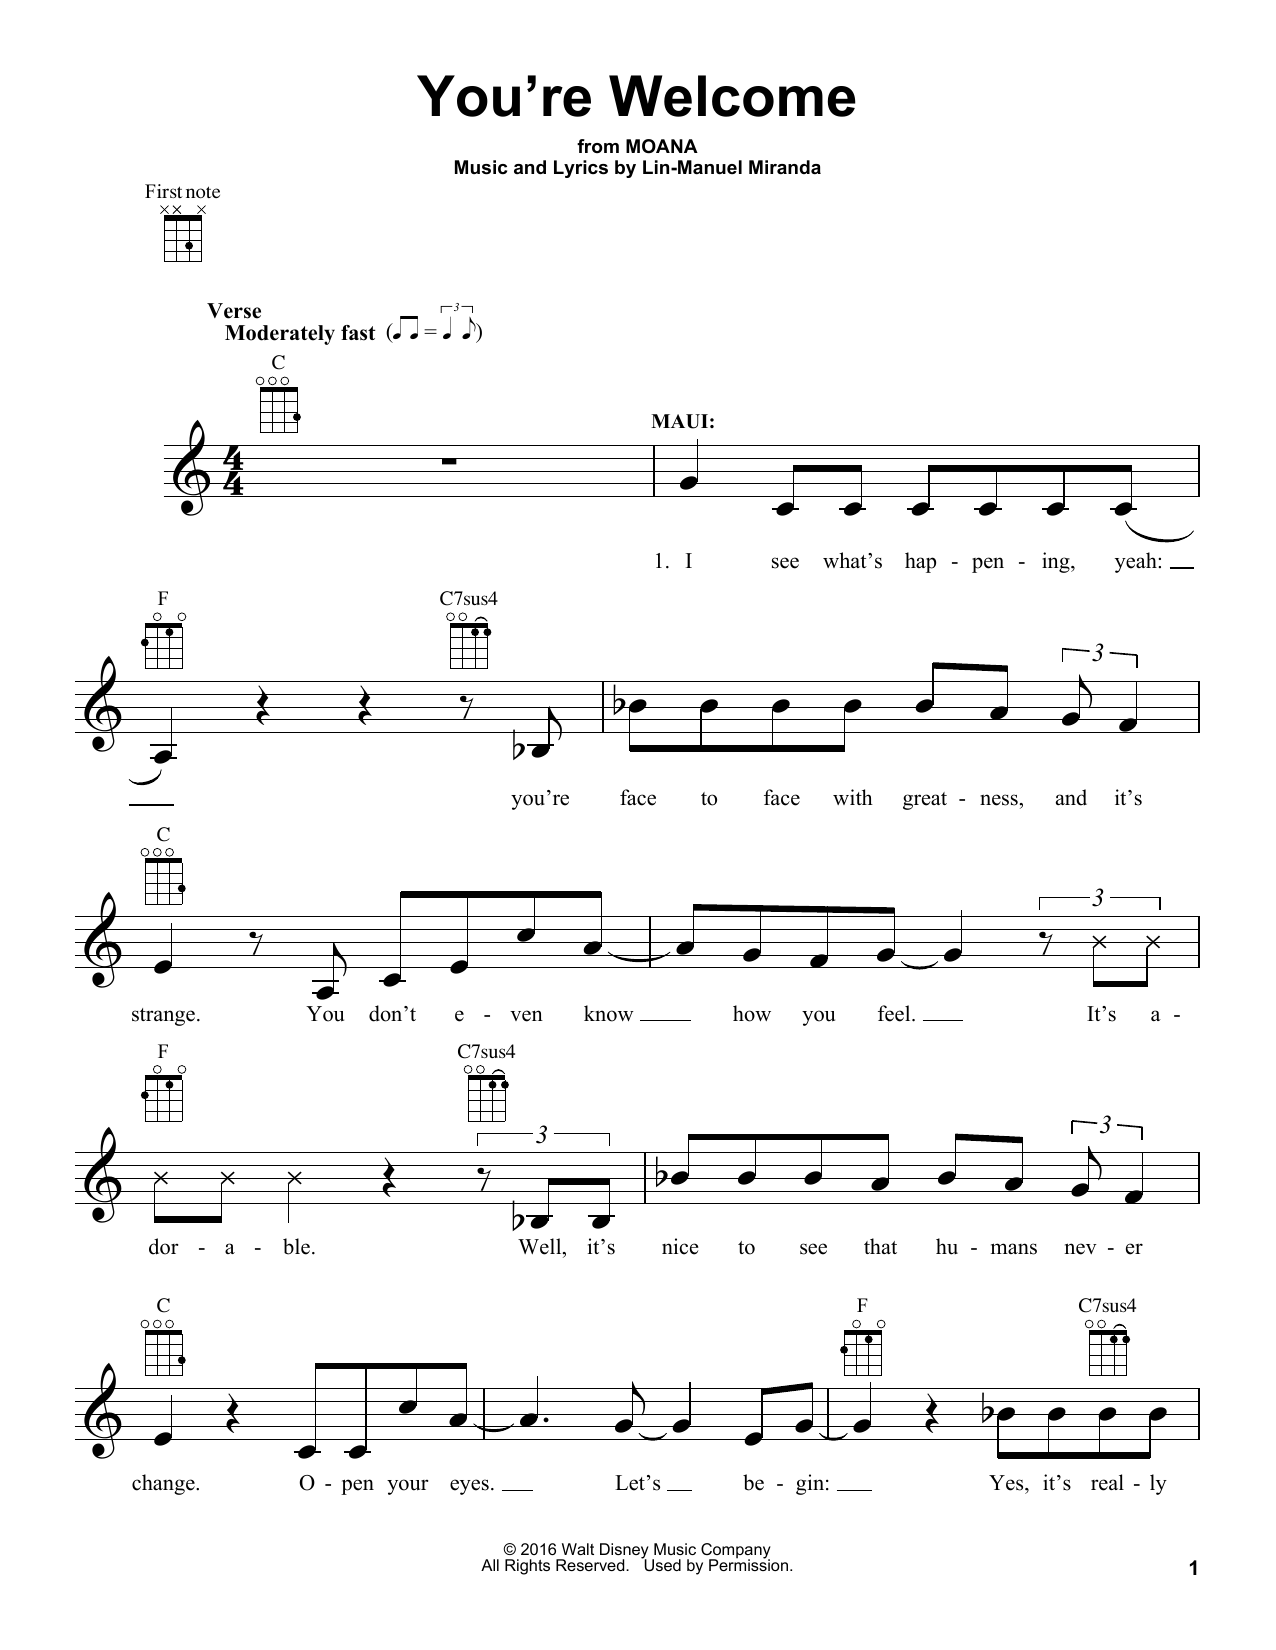 You Re Welcome Ukulele Chords : welcome, ukulele, chords, You're, Welcome, (from, Moana), Sheet, Music, Lin-Manuel, Miranda, Ukulele